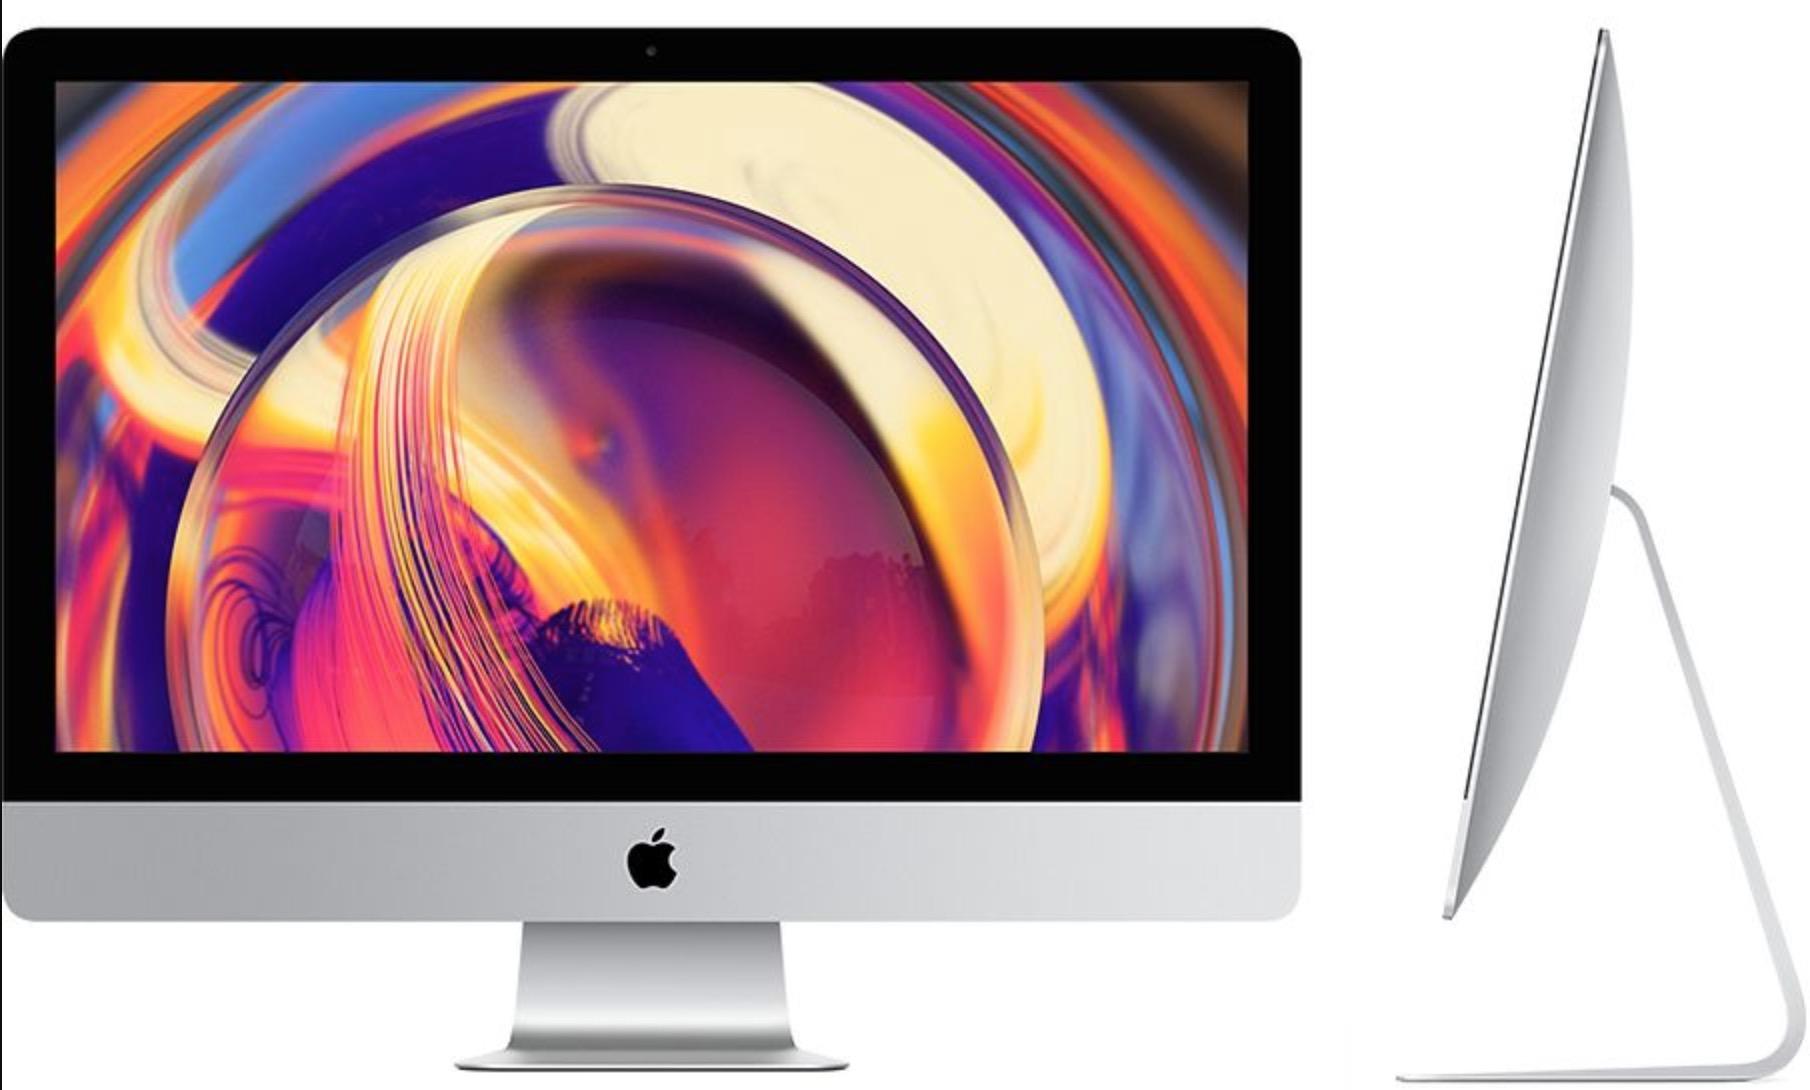 123 milioi iMac Pro sartzen da!